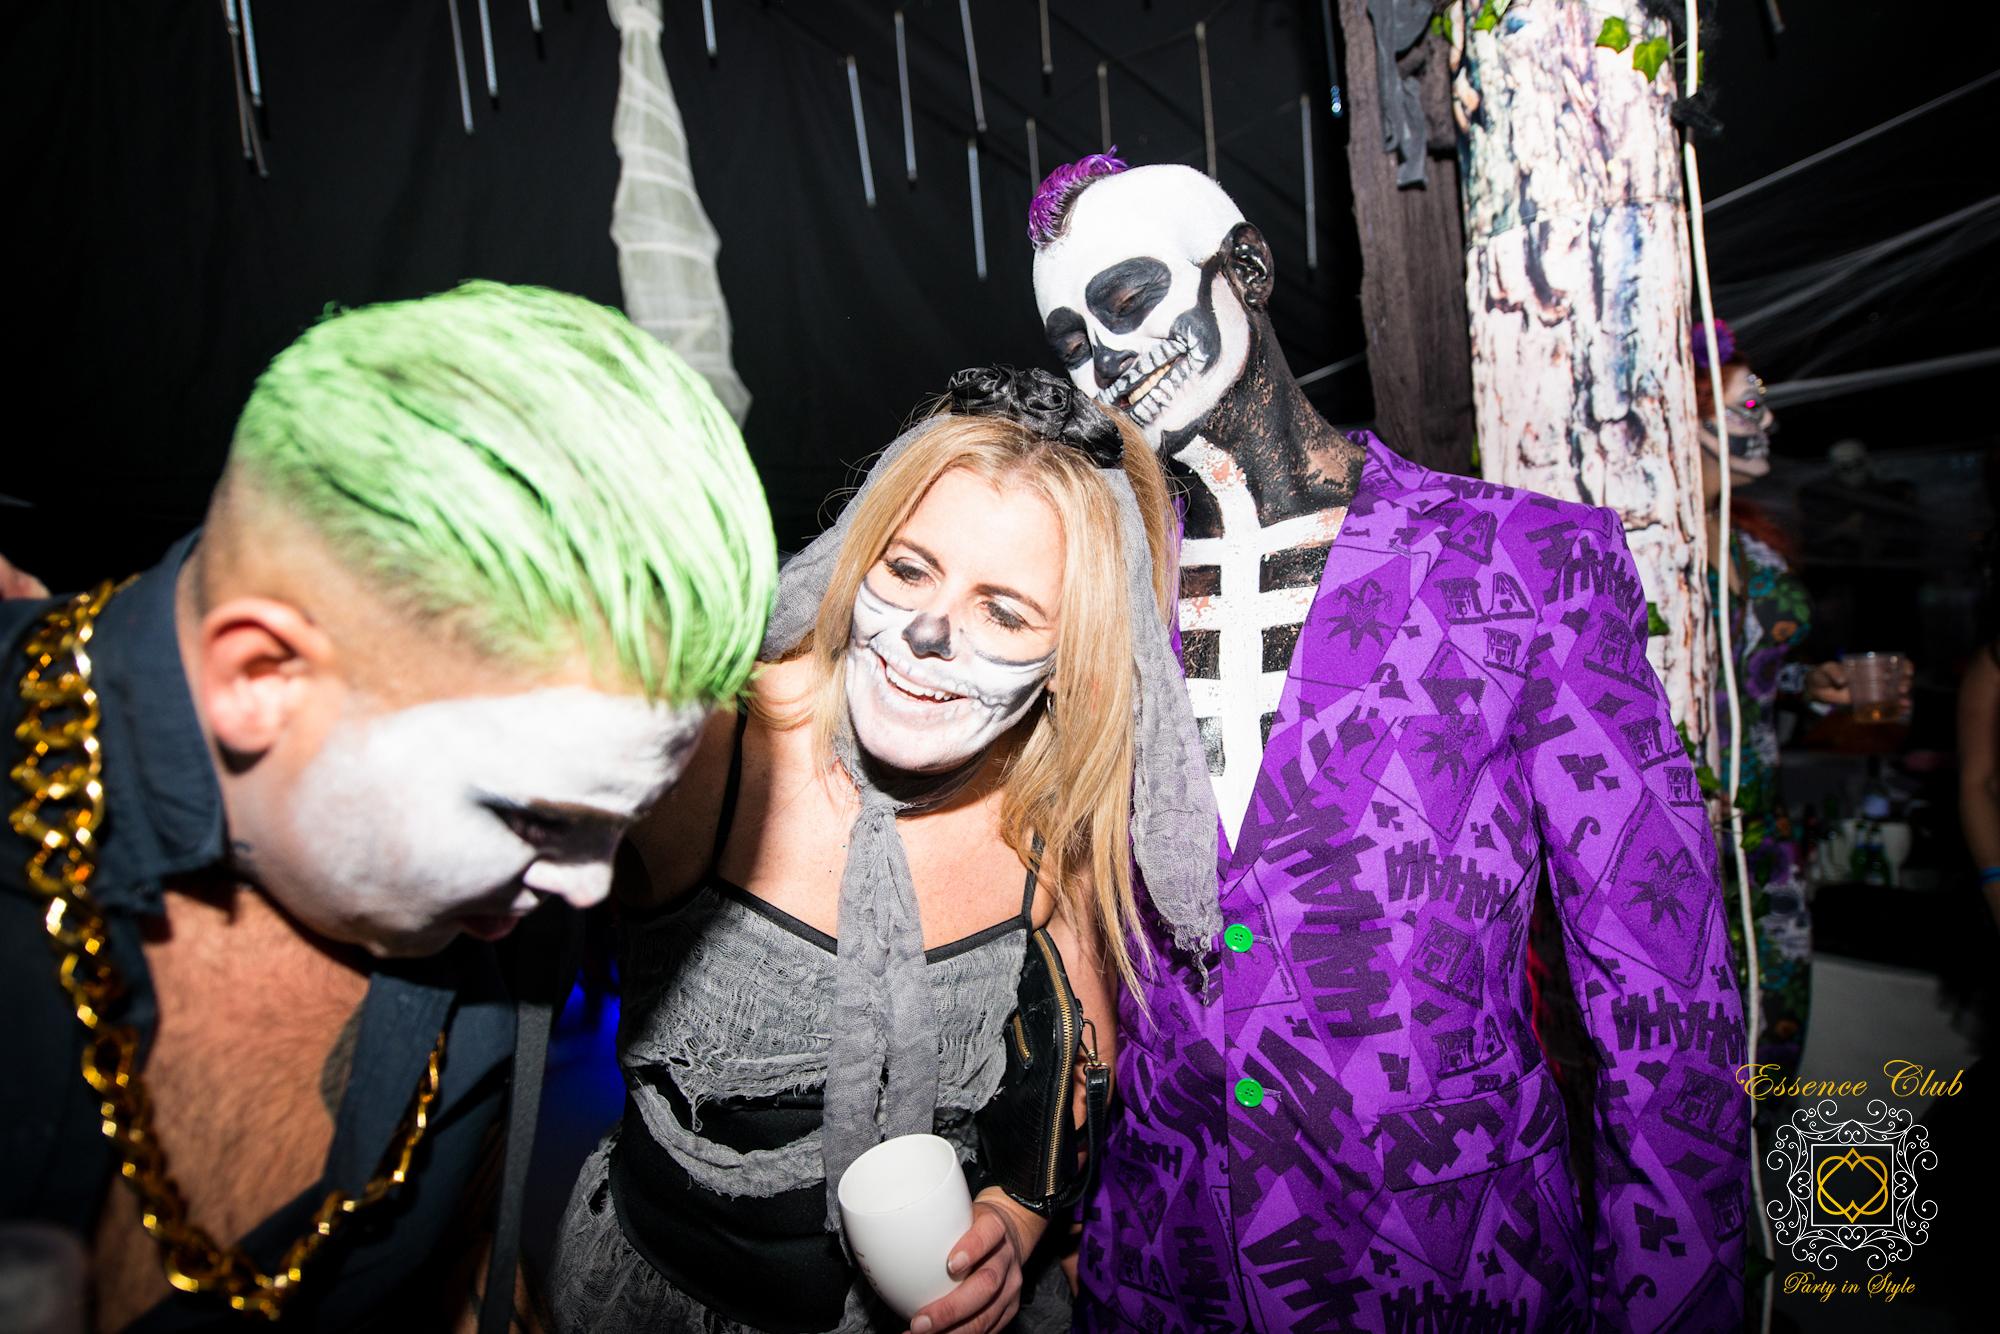 Halloween underworld event